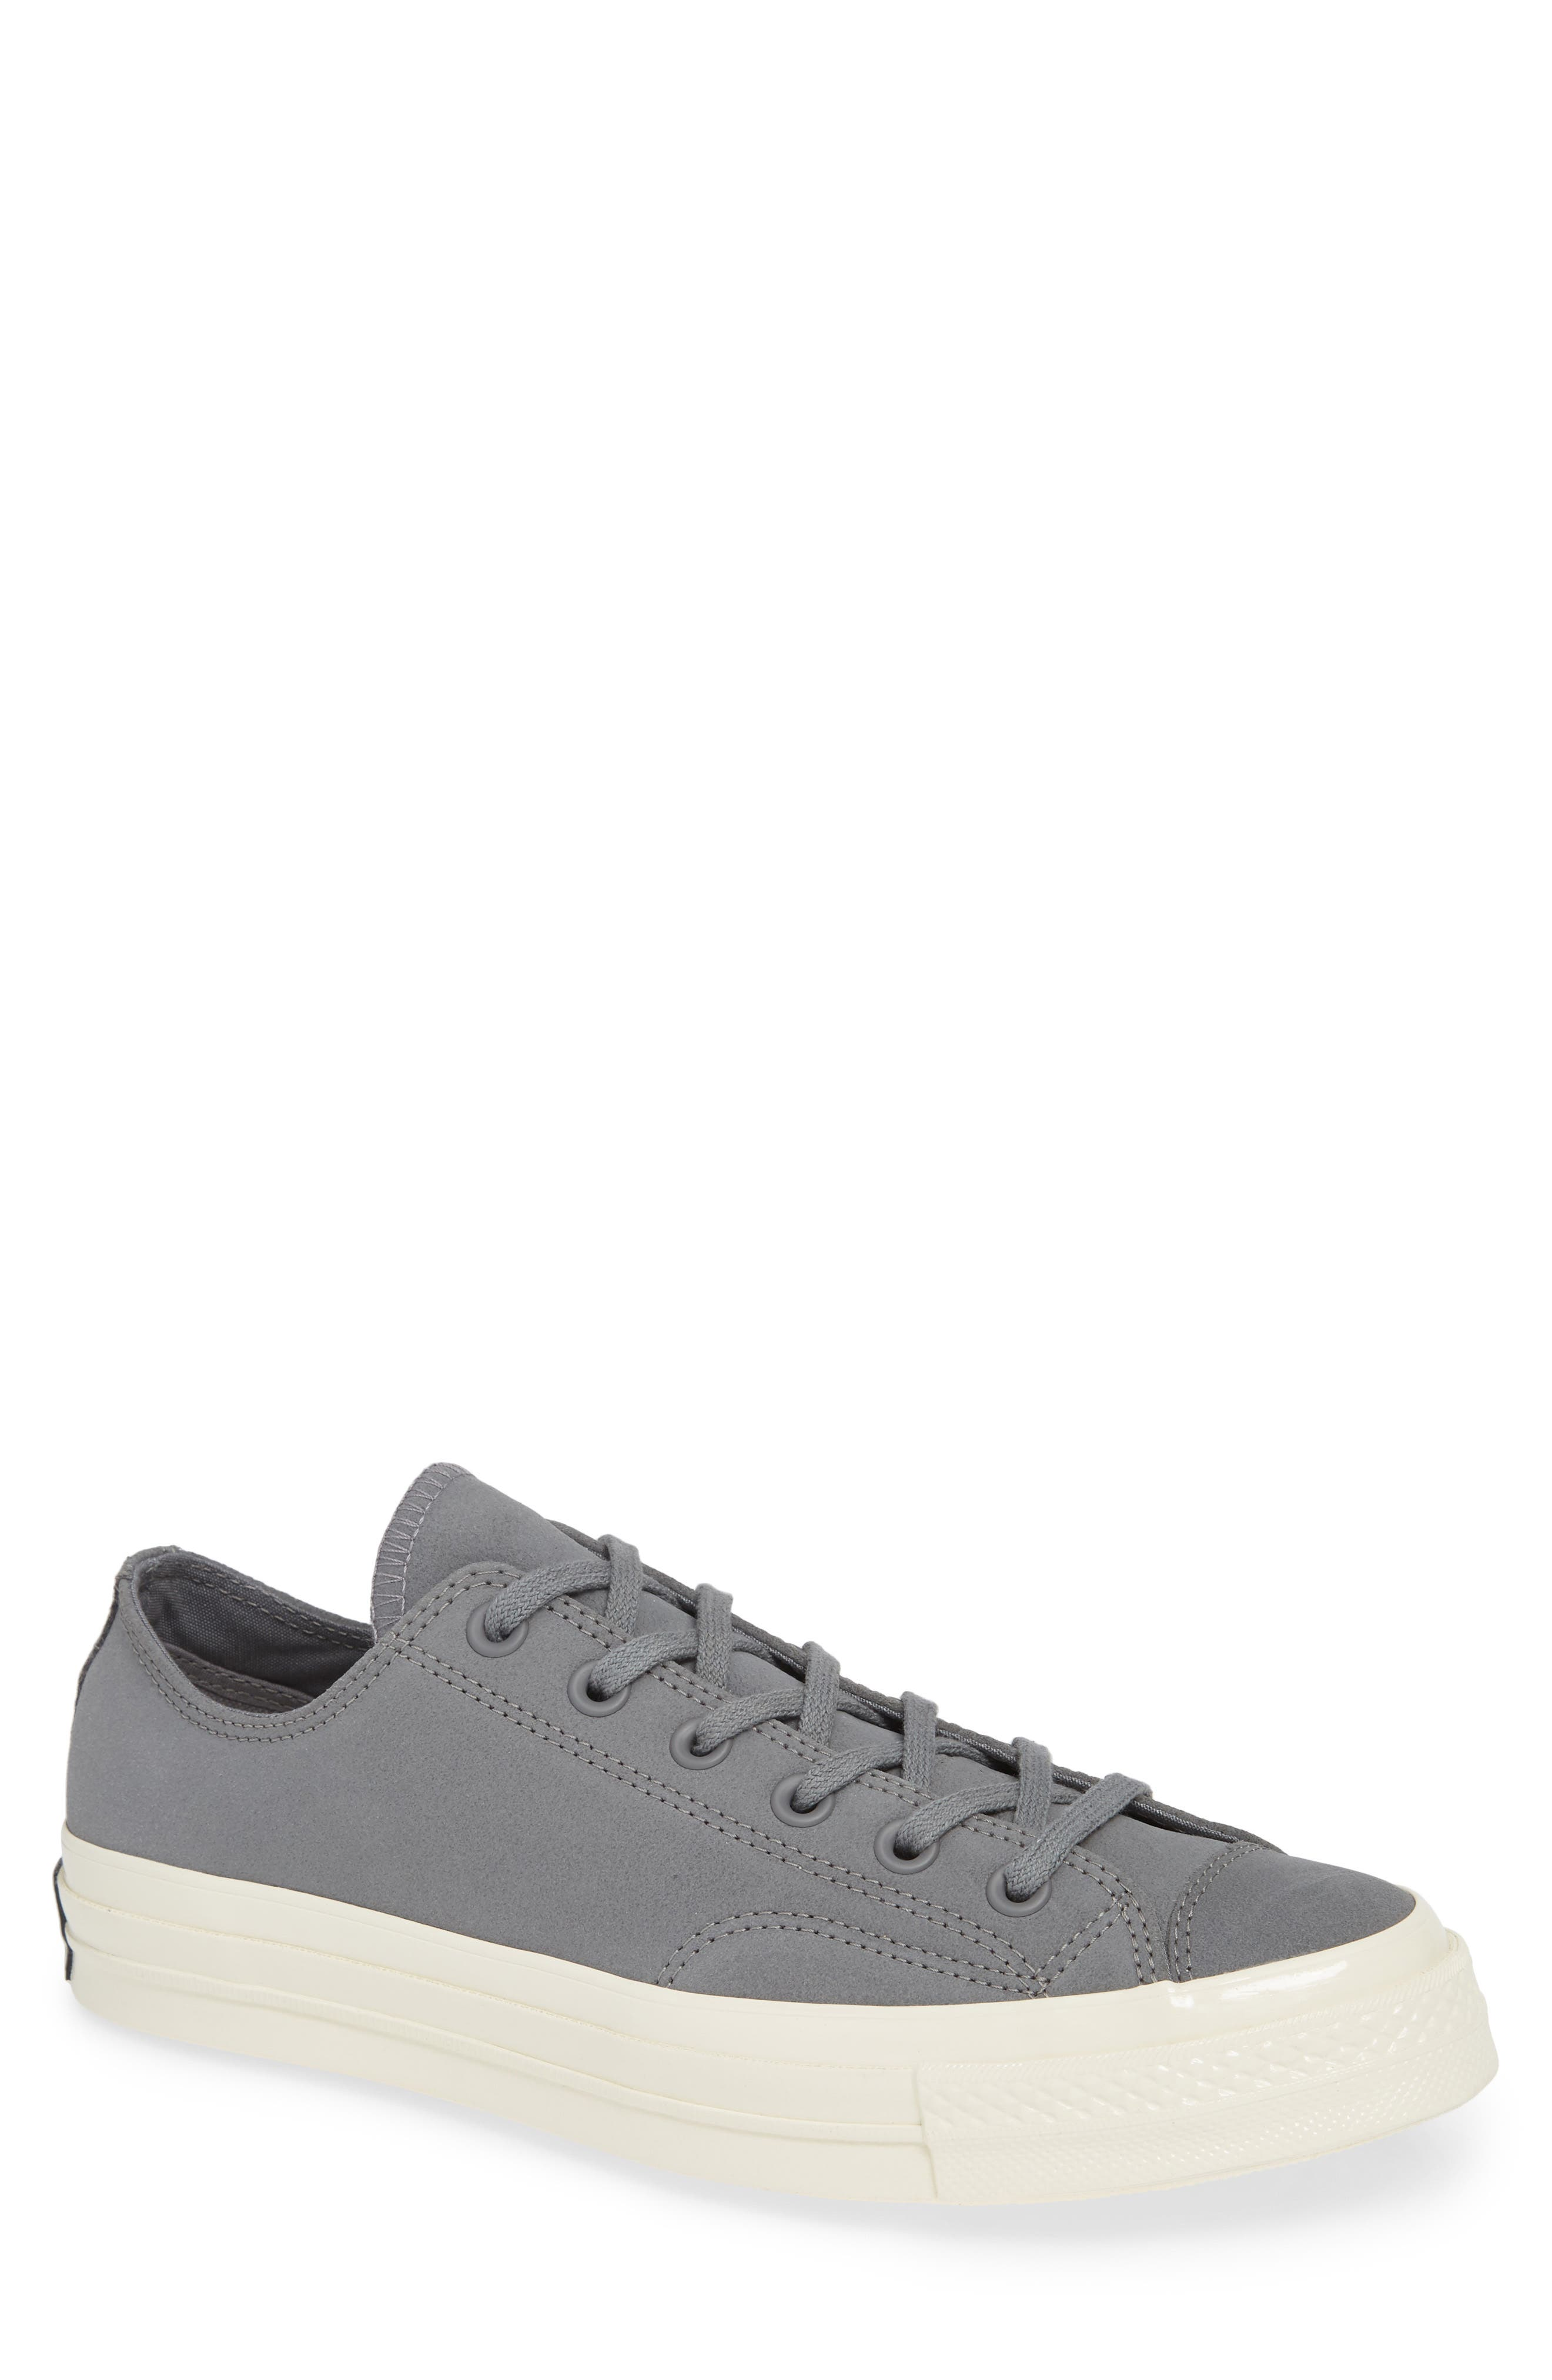 CT 70 Sneaker,                         Main,                         color, GREY